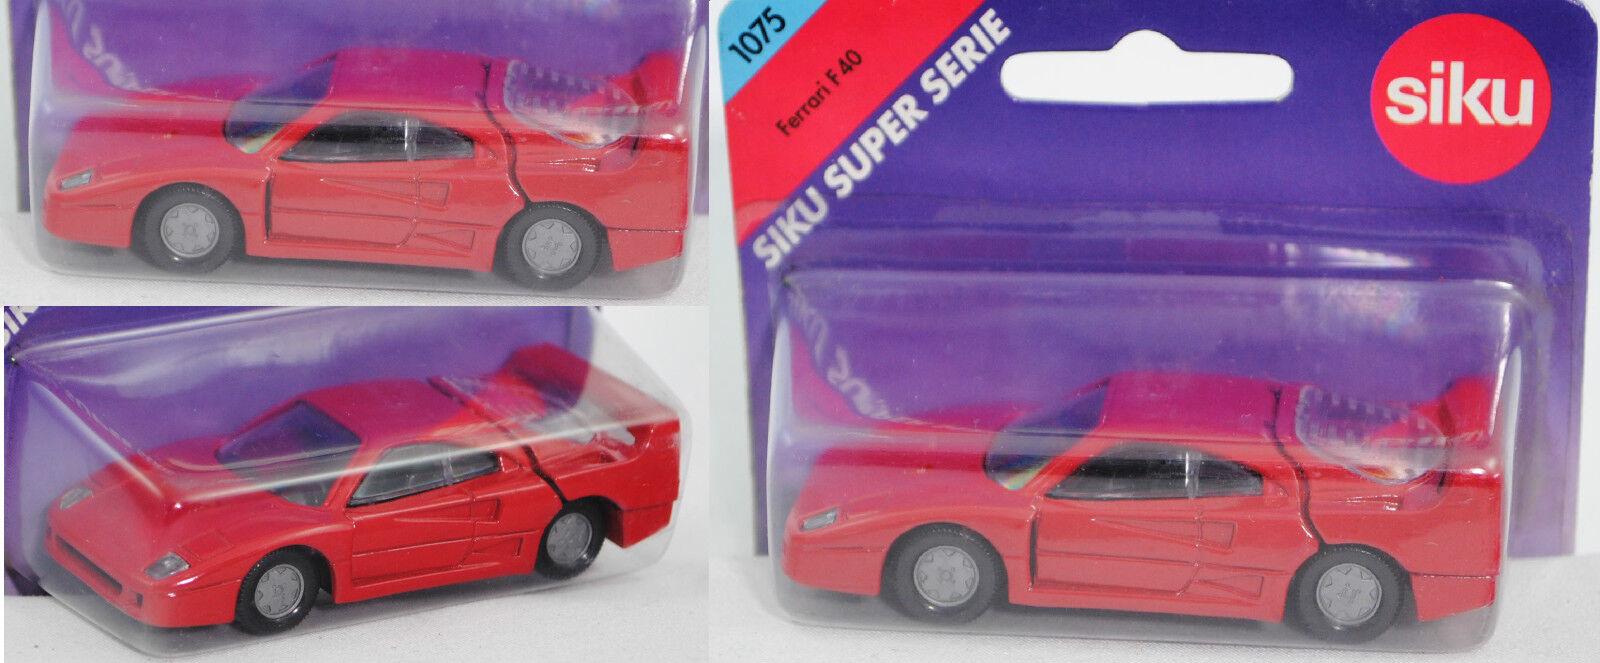 Siku Super 1075 ferrari f40, f40, f40, aprox. 1 56 8e238e